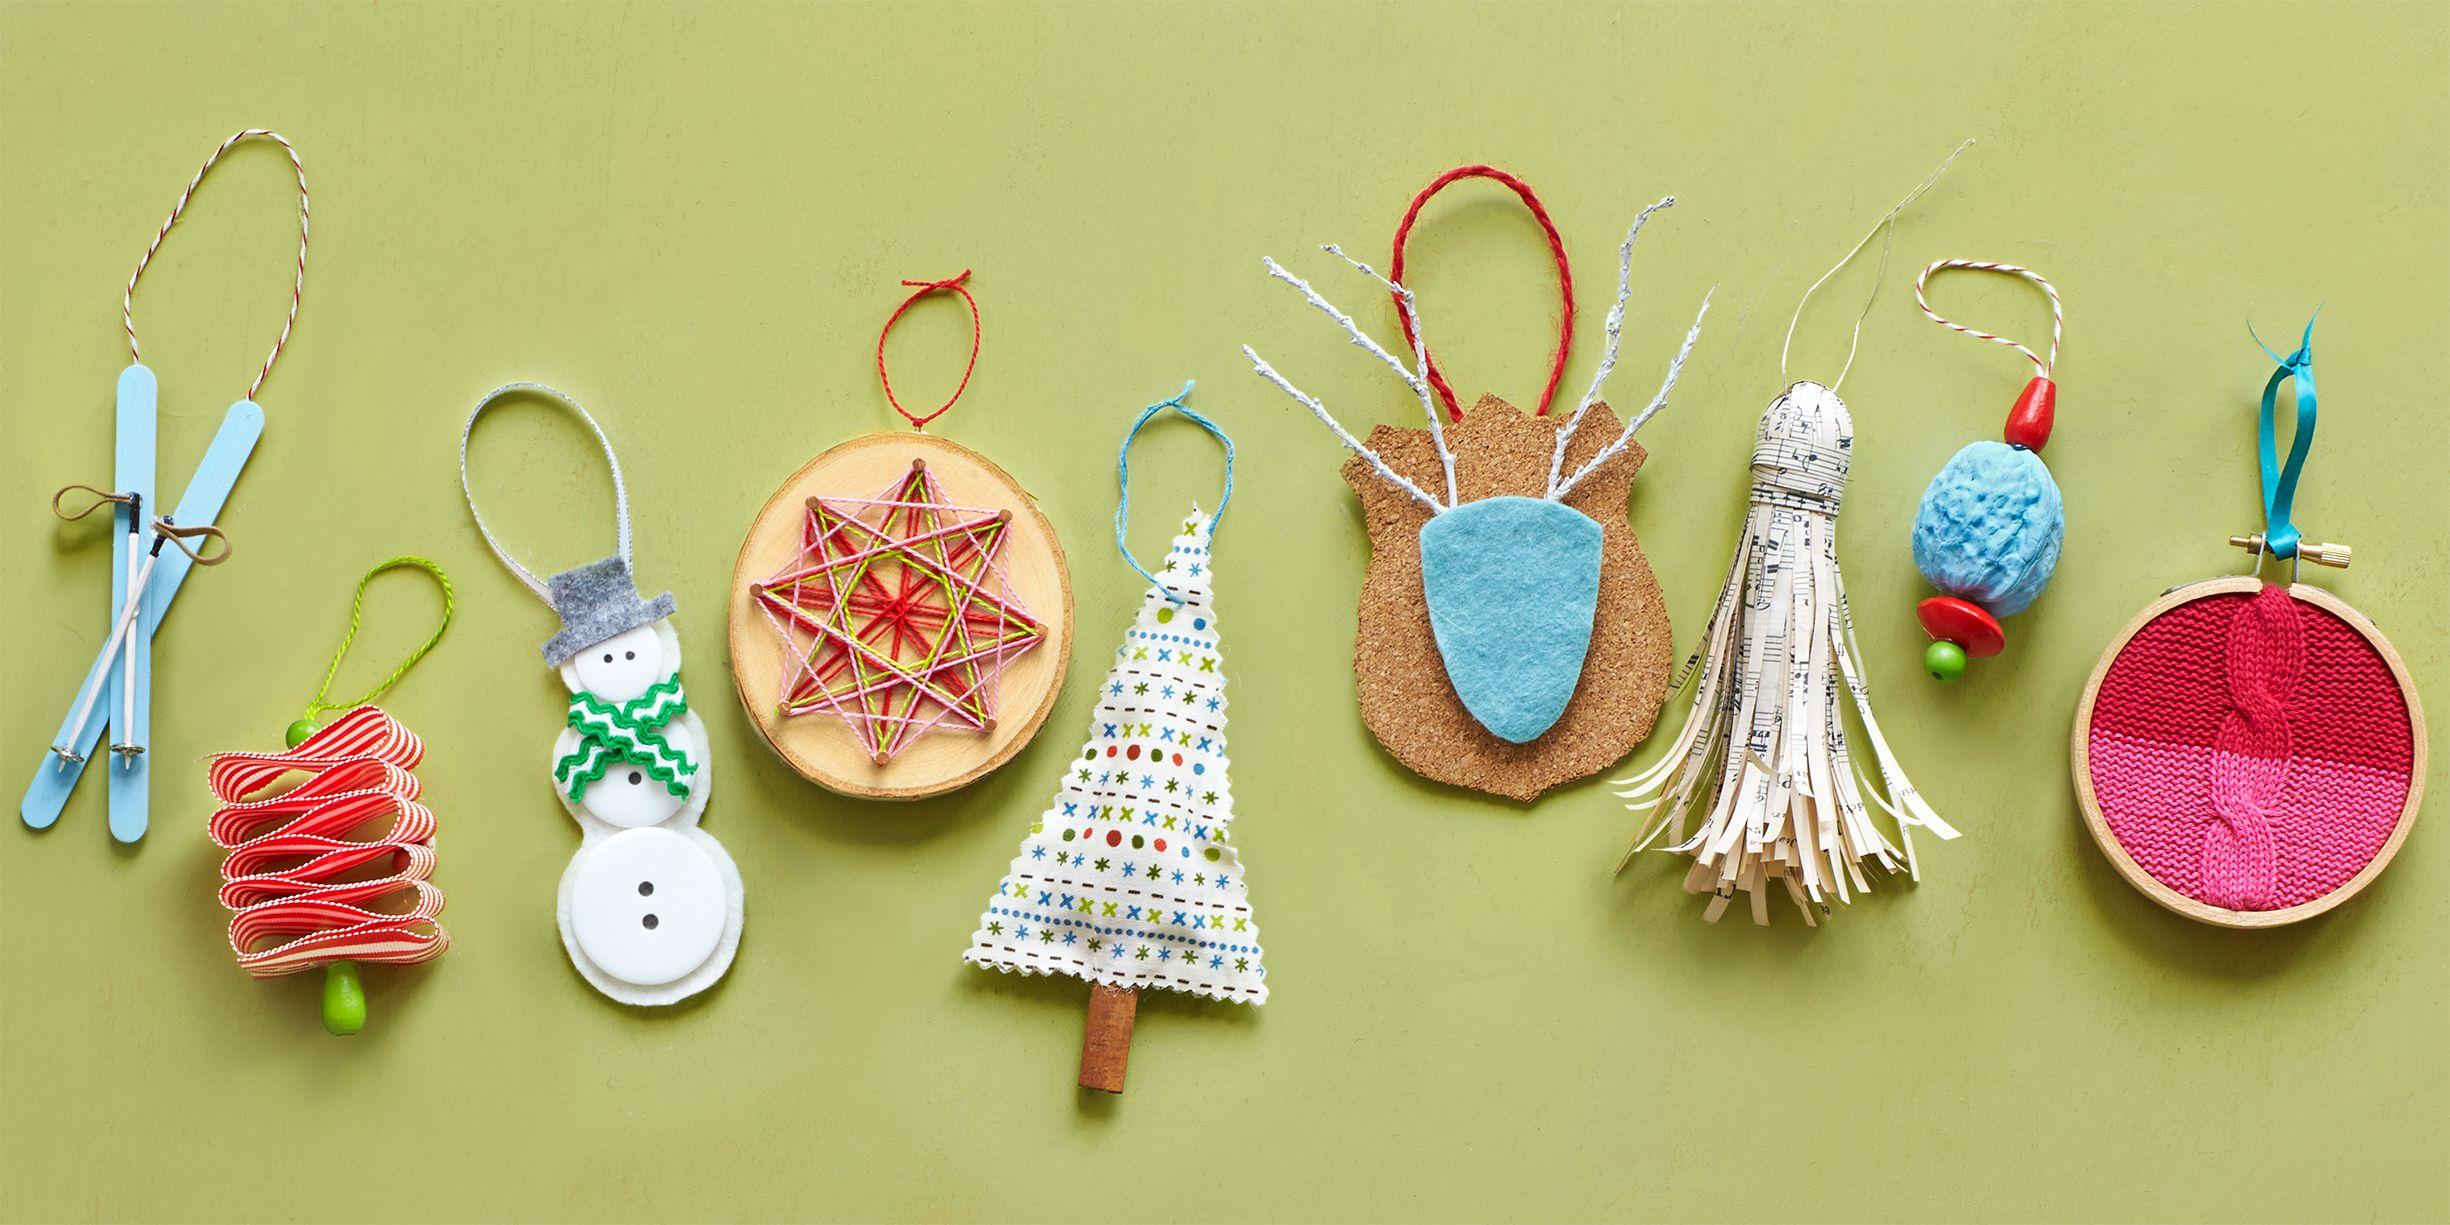 Ý tưởng kinh doanh mùa Noel - Bán đồ Handmade